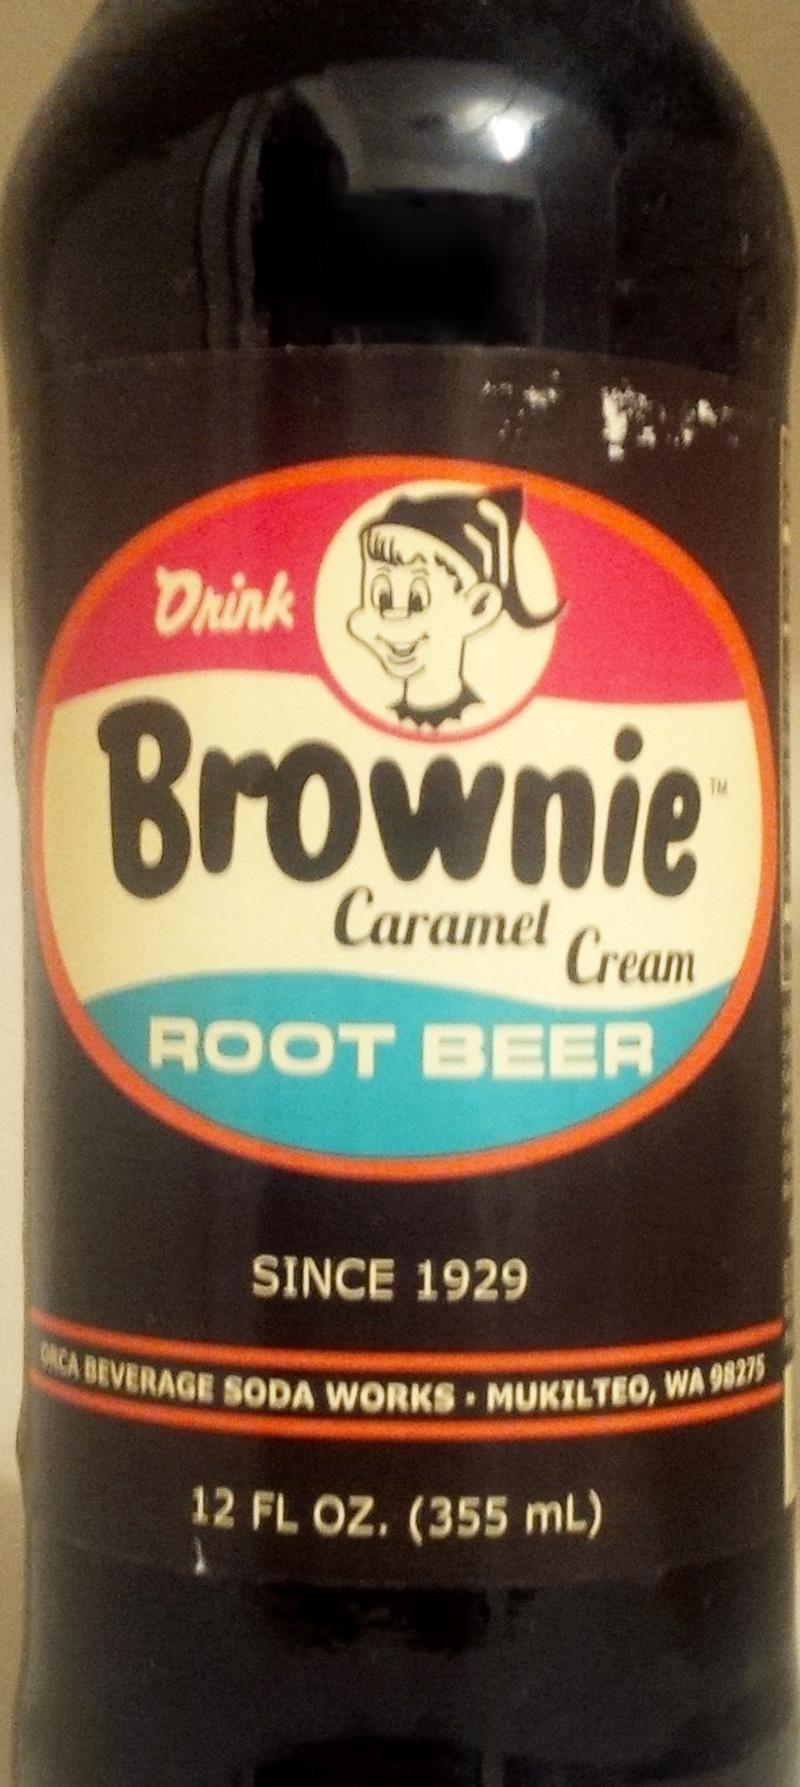 Brownie's Caramel Cream Root Beer